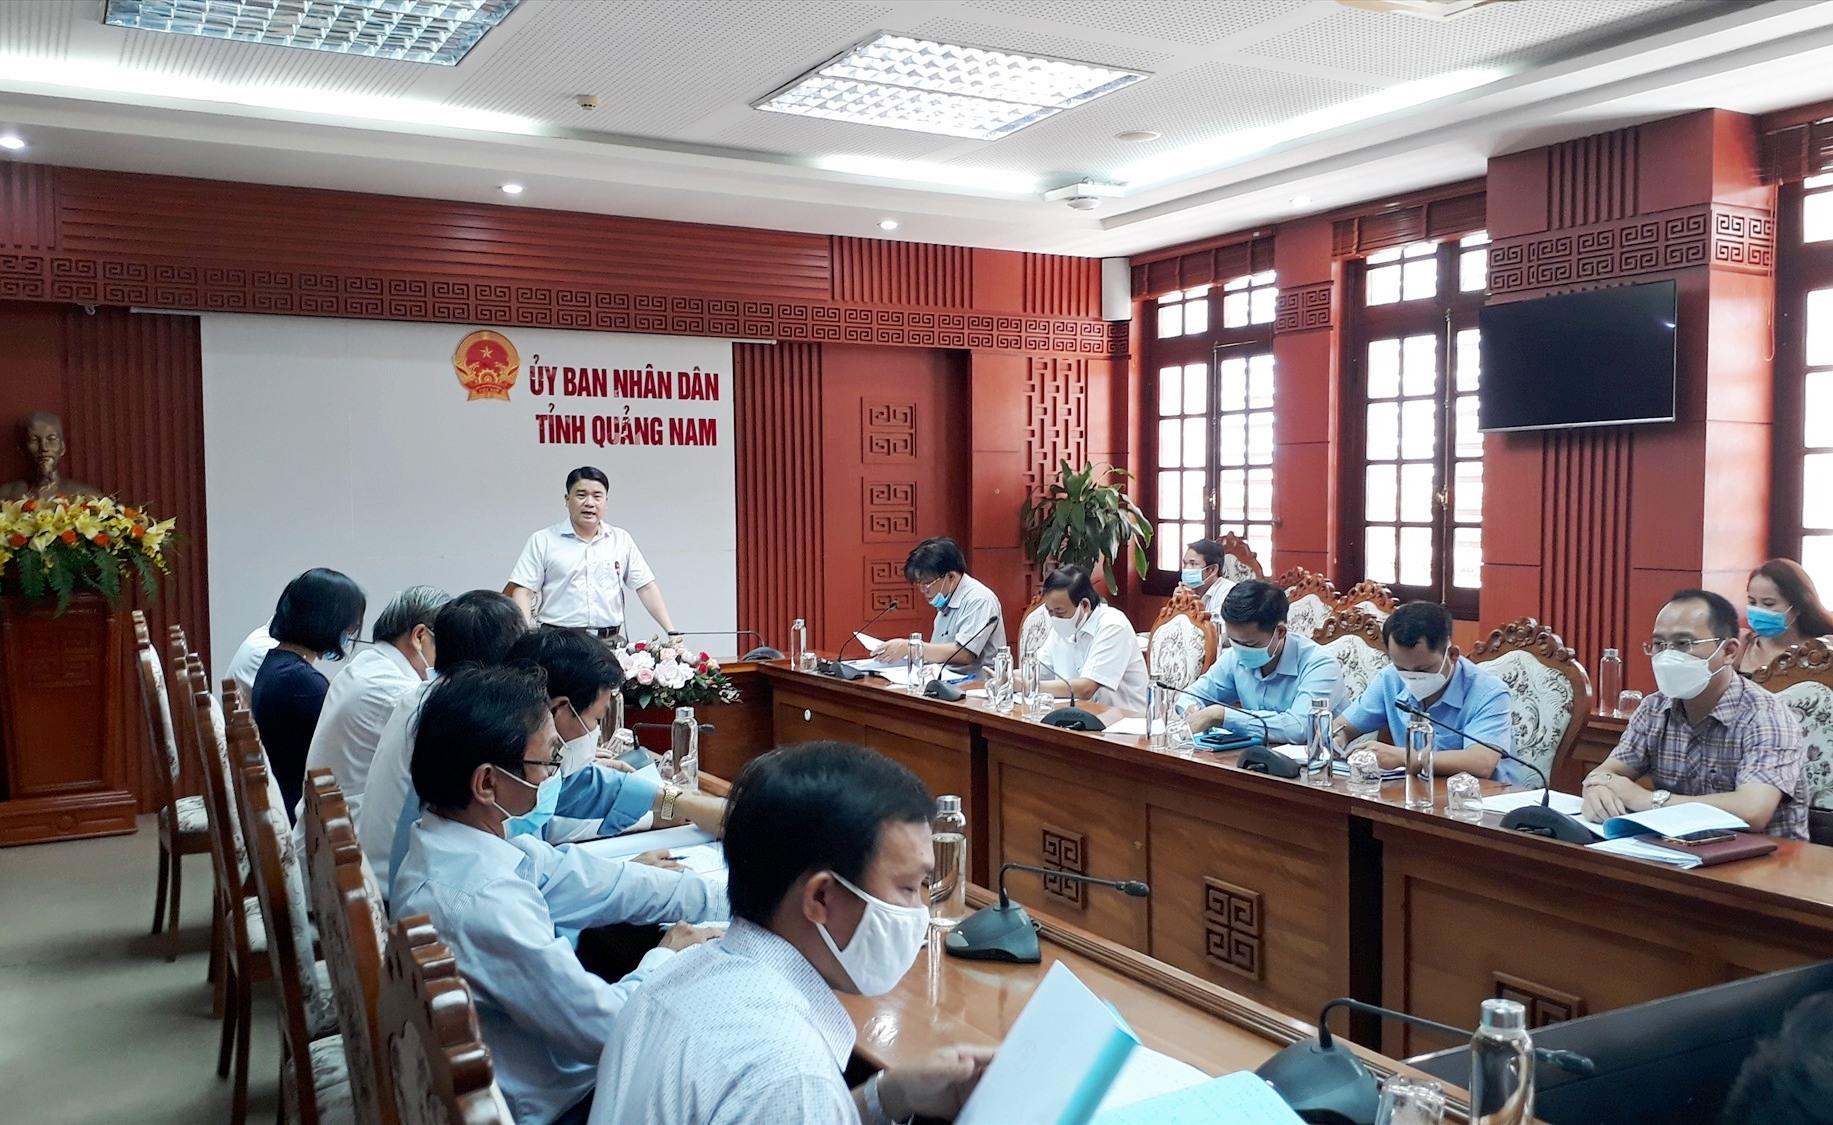 Phó Chủ tịch UBND tỉnh Trần Văn Tân yêu cầu tăng cường phòng chống dịch tại kỳ thi tốt nghiệp THPT sắp tới. Ảnh: X.P